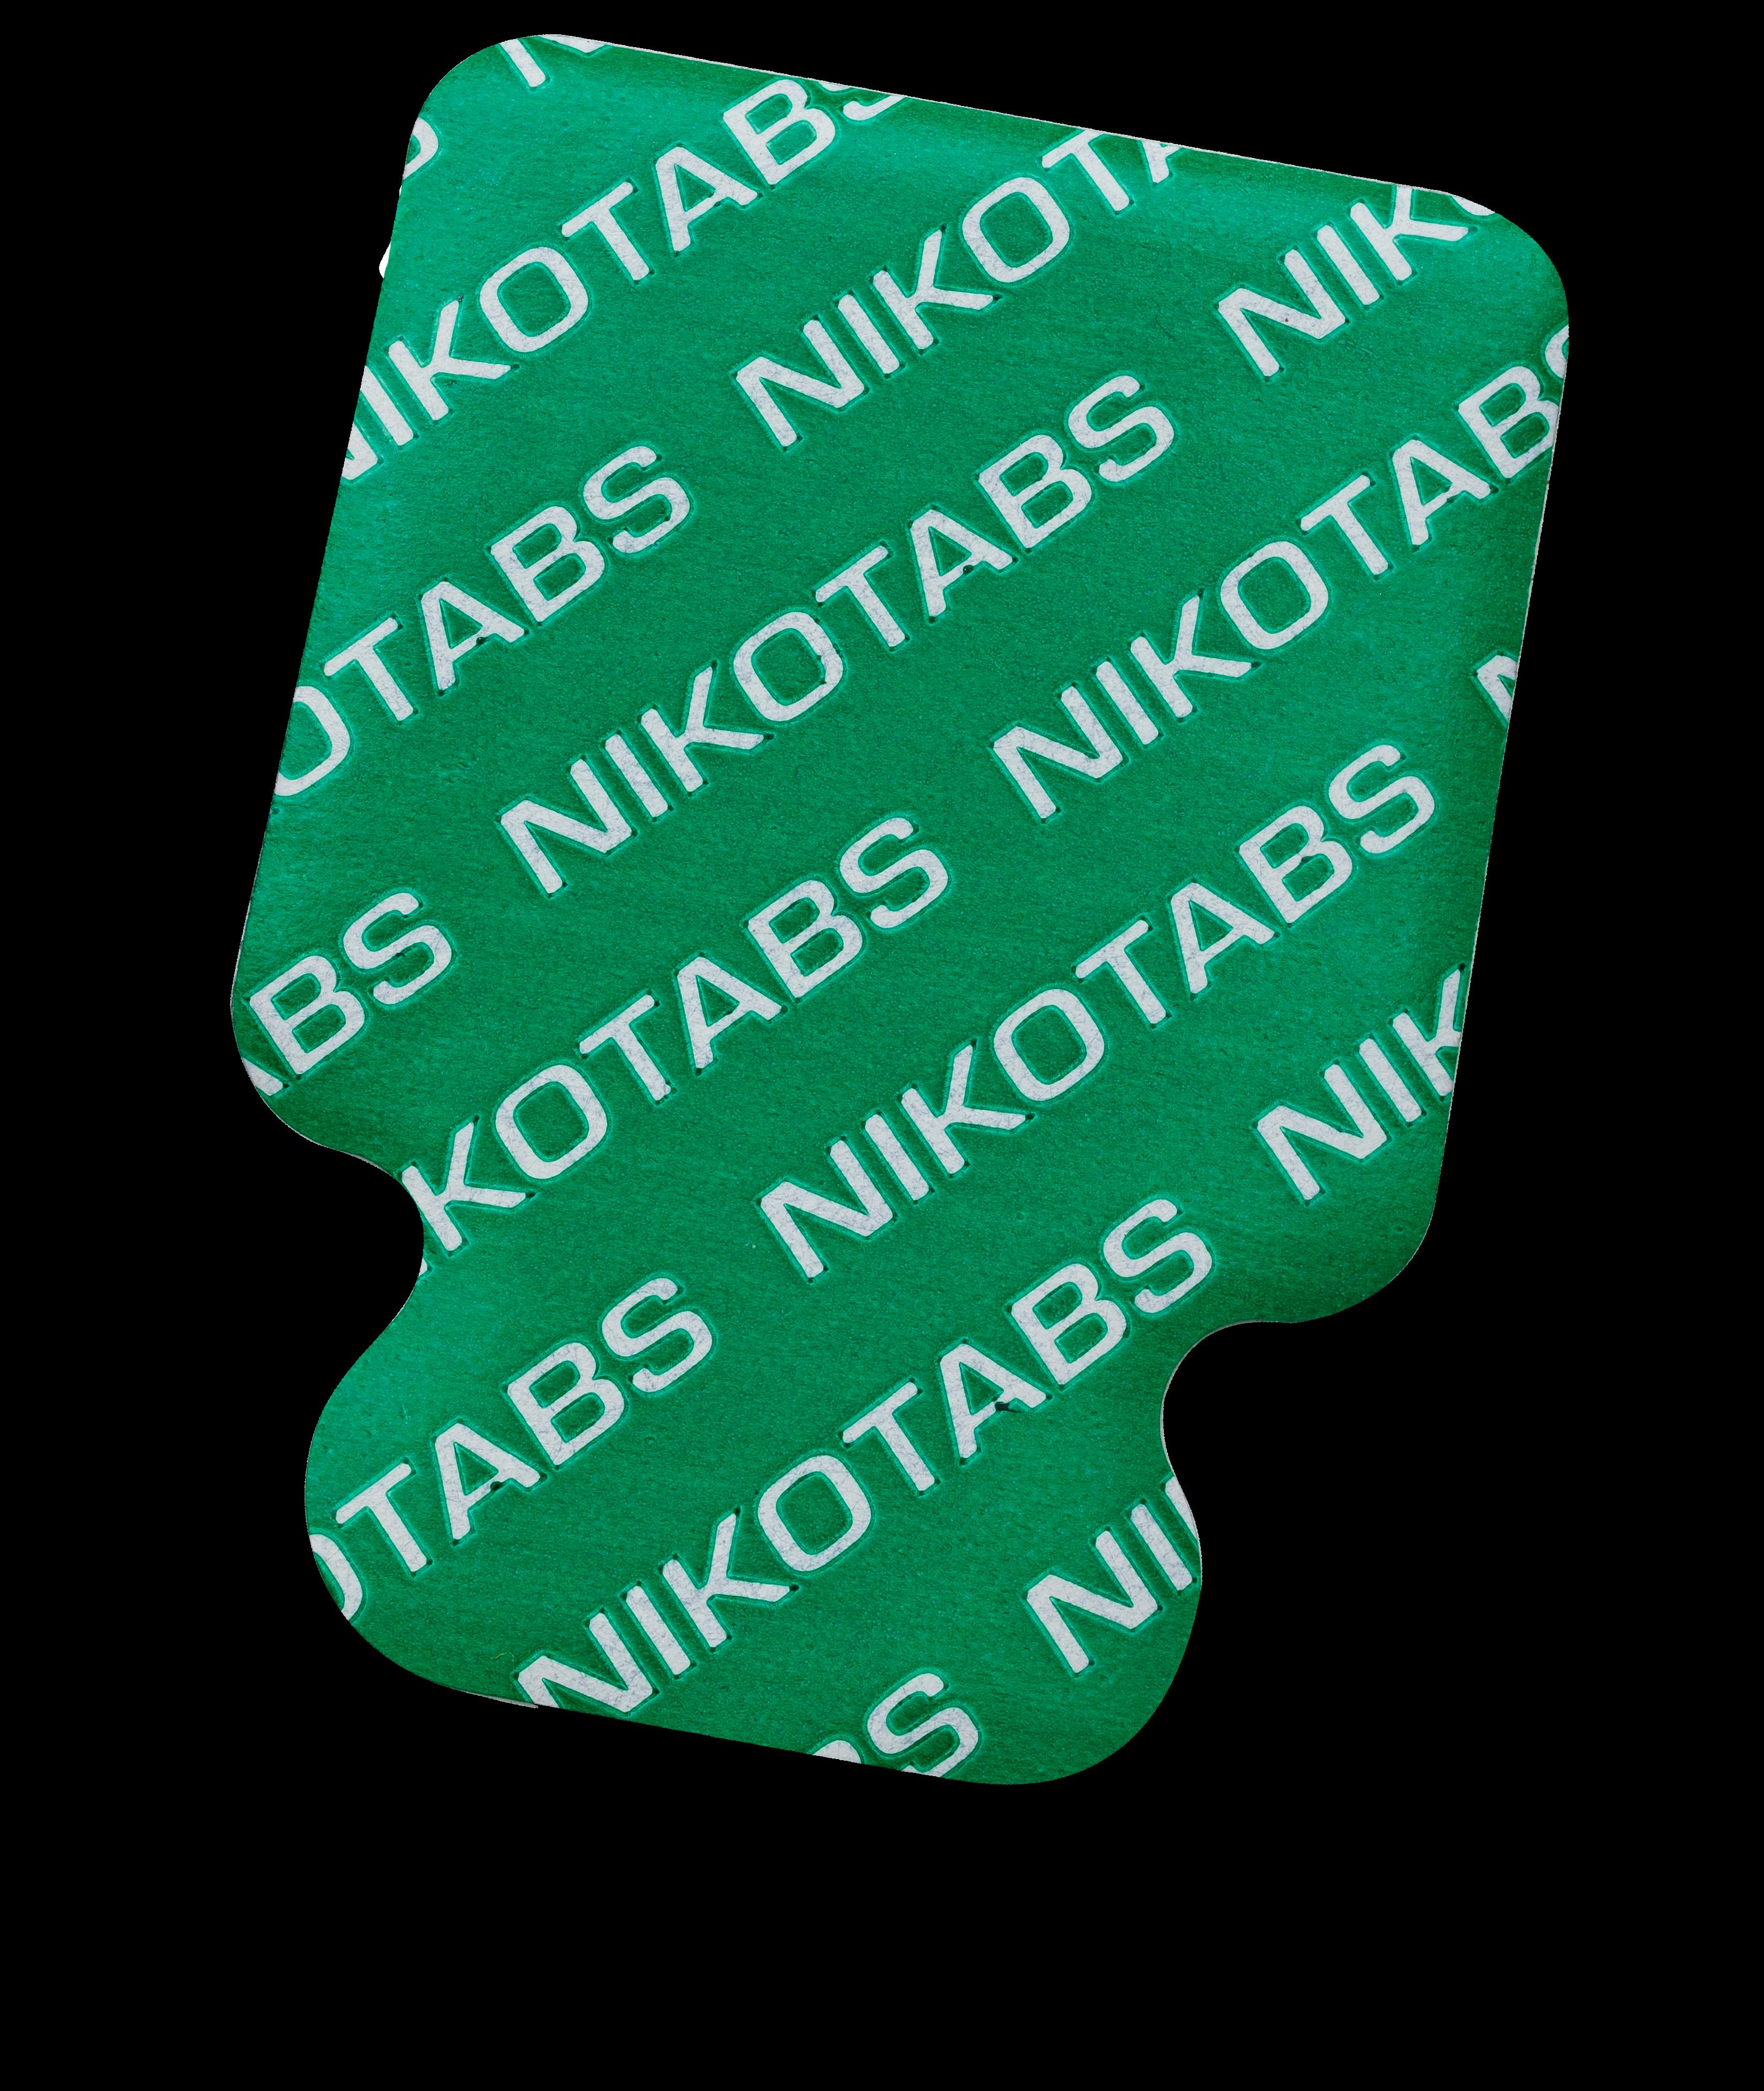 Nikotab No. 0515